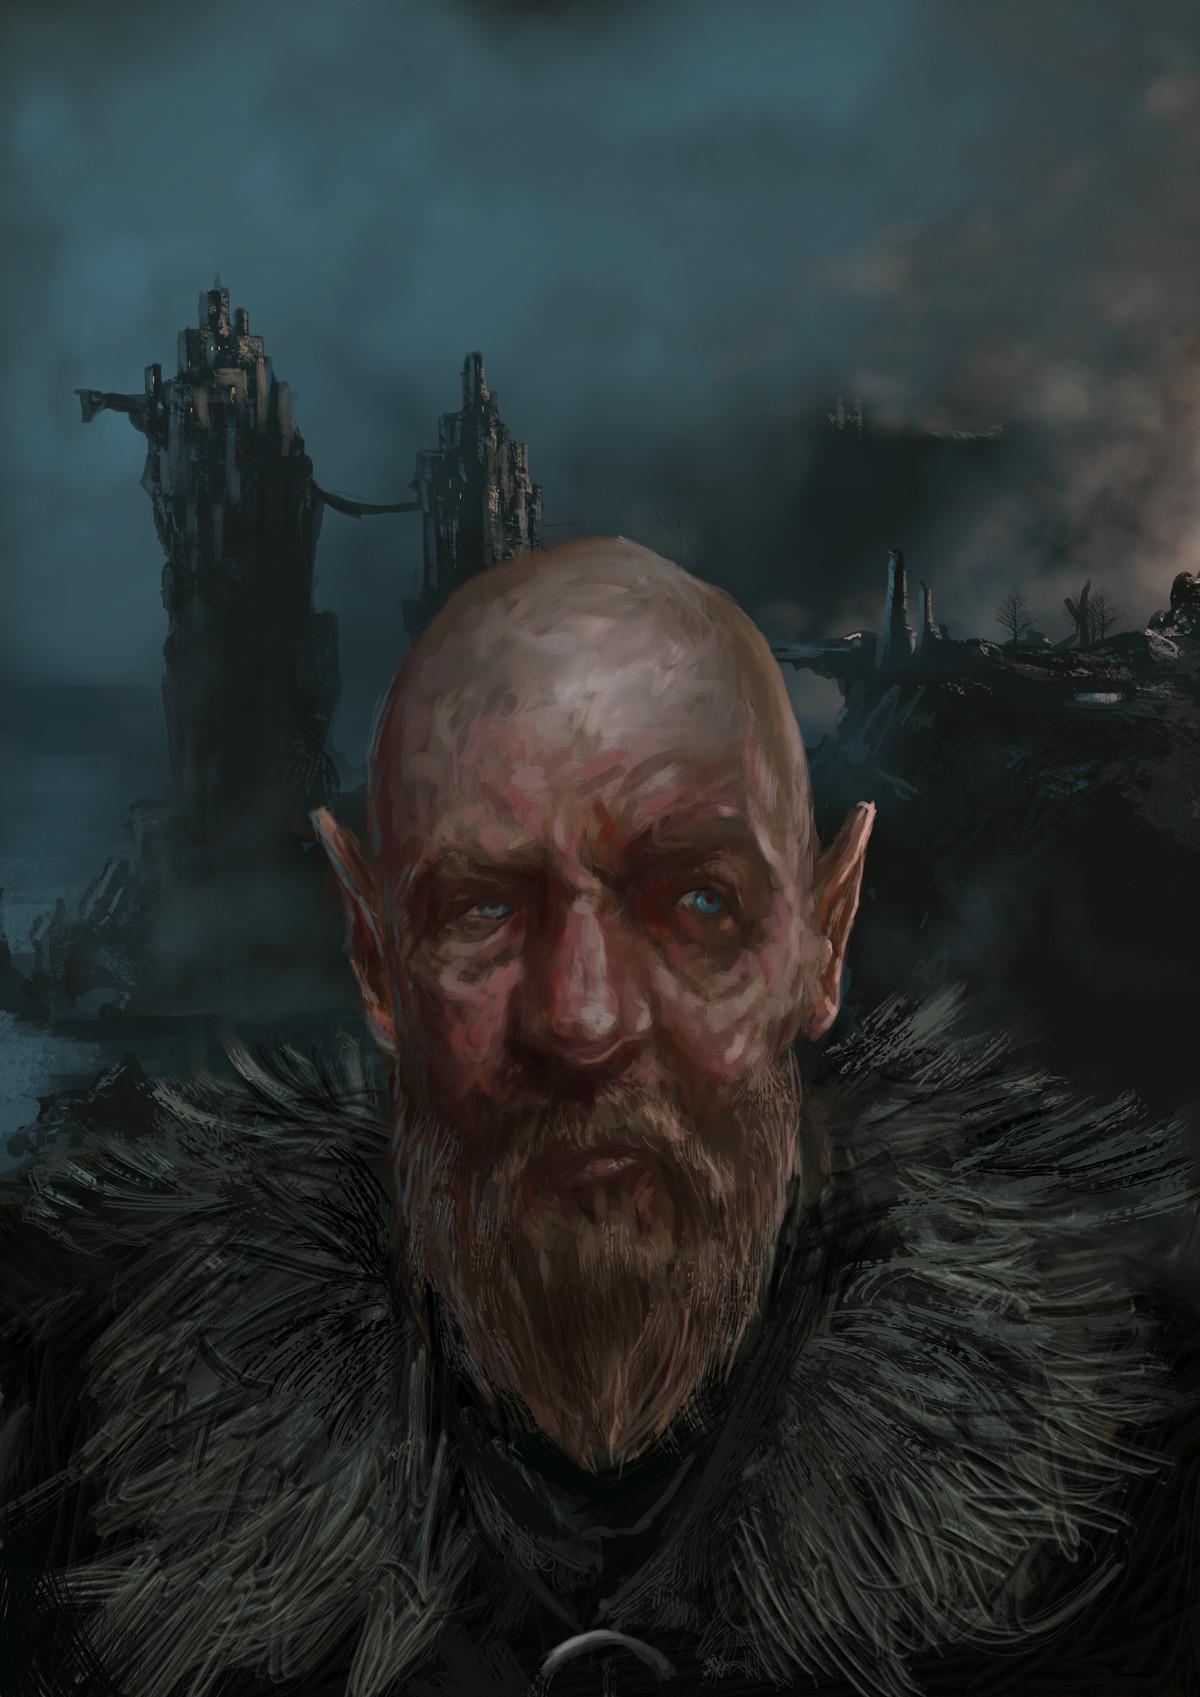 Artur mosca old crow hd